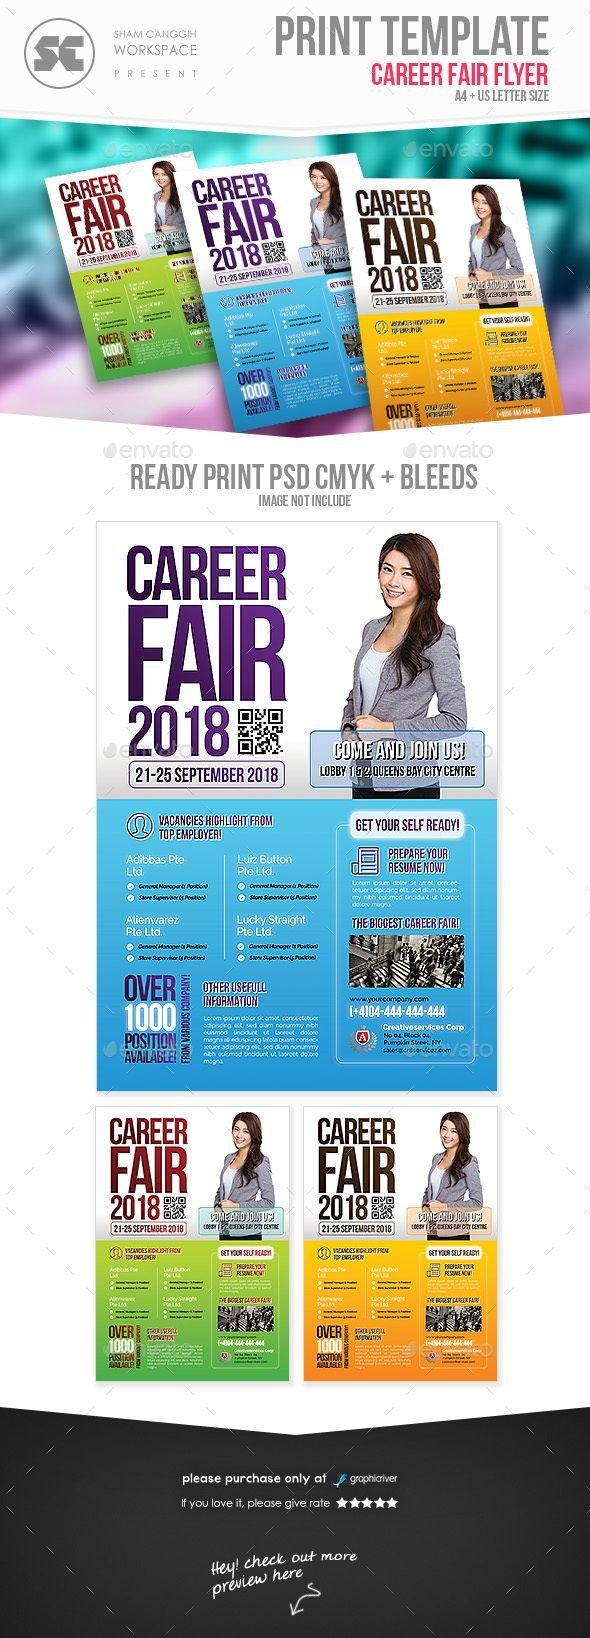 Career Fair Flyer Template PSD | Flyer Templates | Pinterest